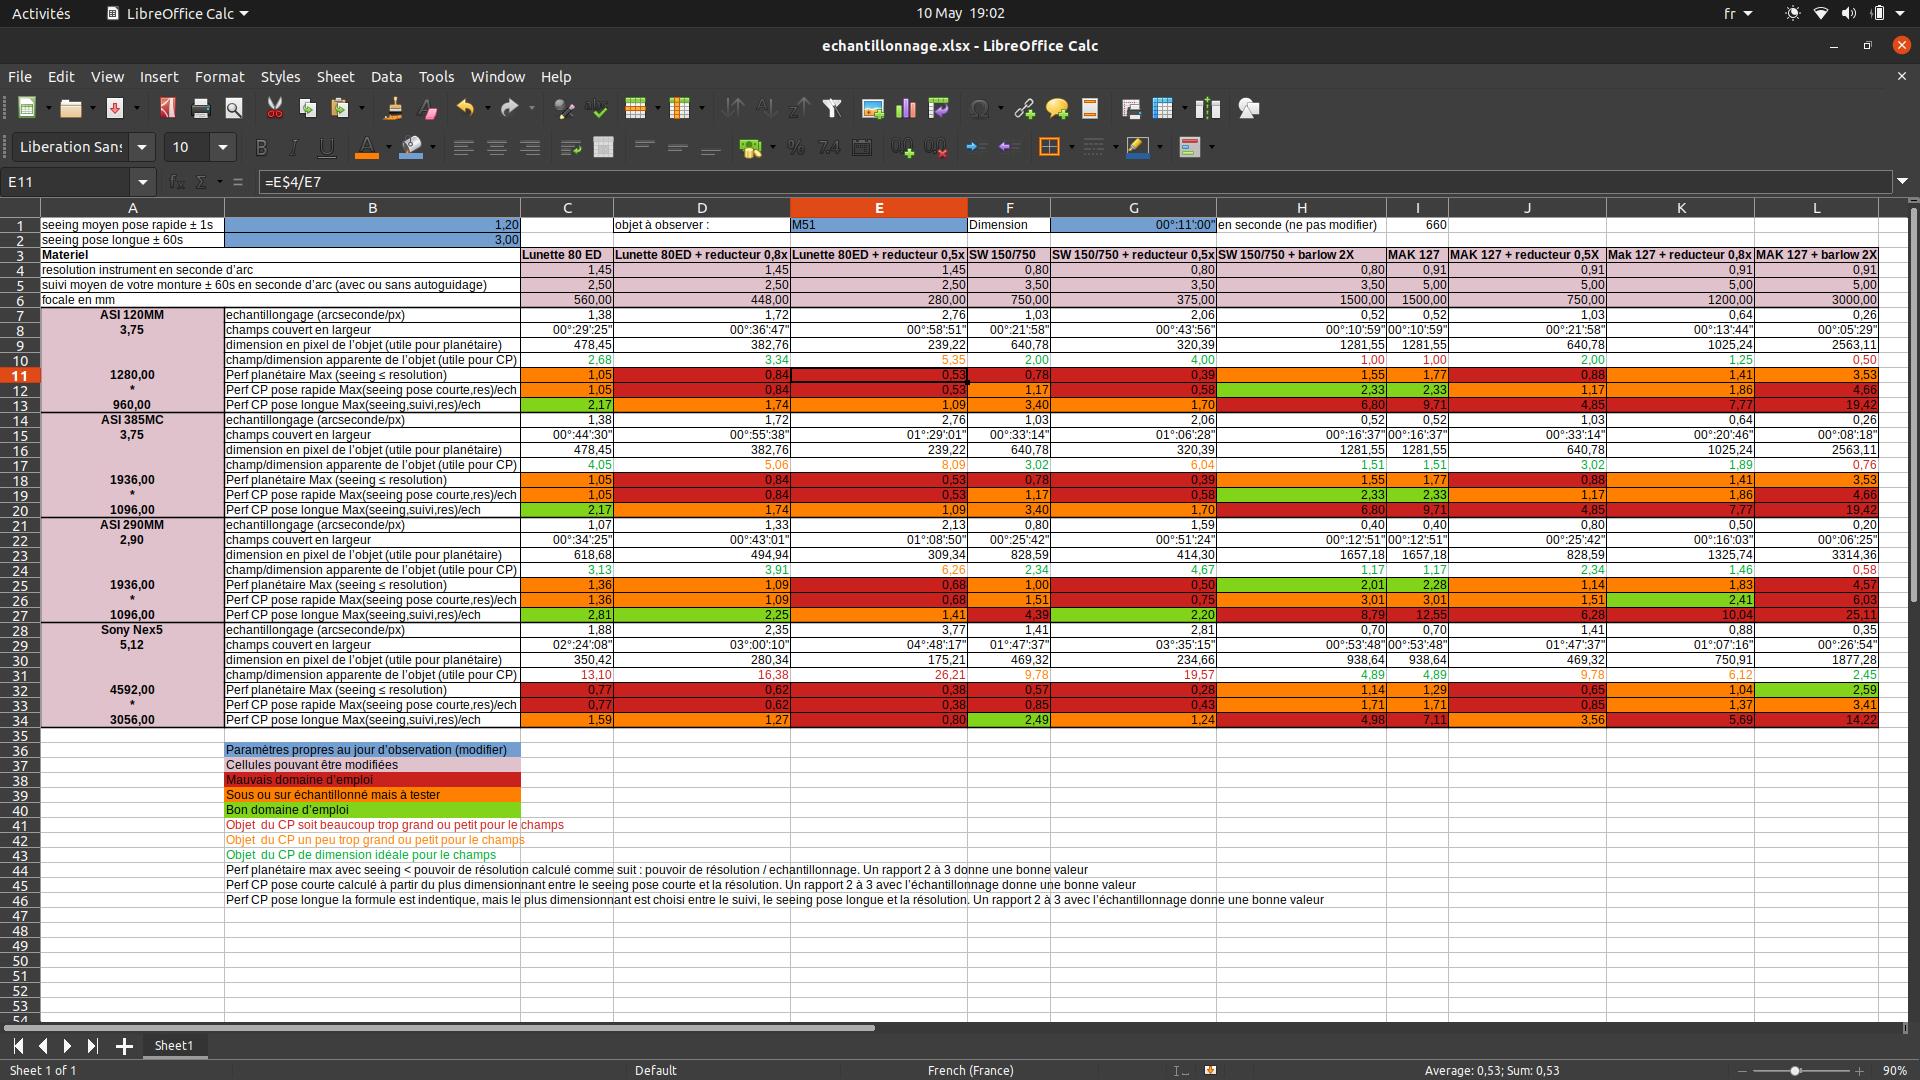 Capture d'écran de 2020-05-10 19-02-02.png